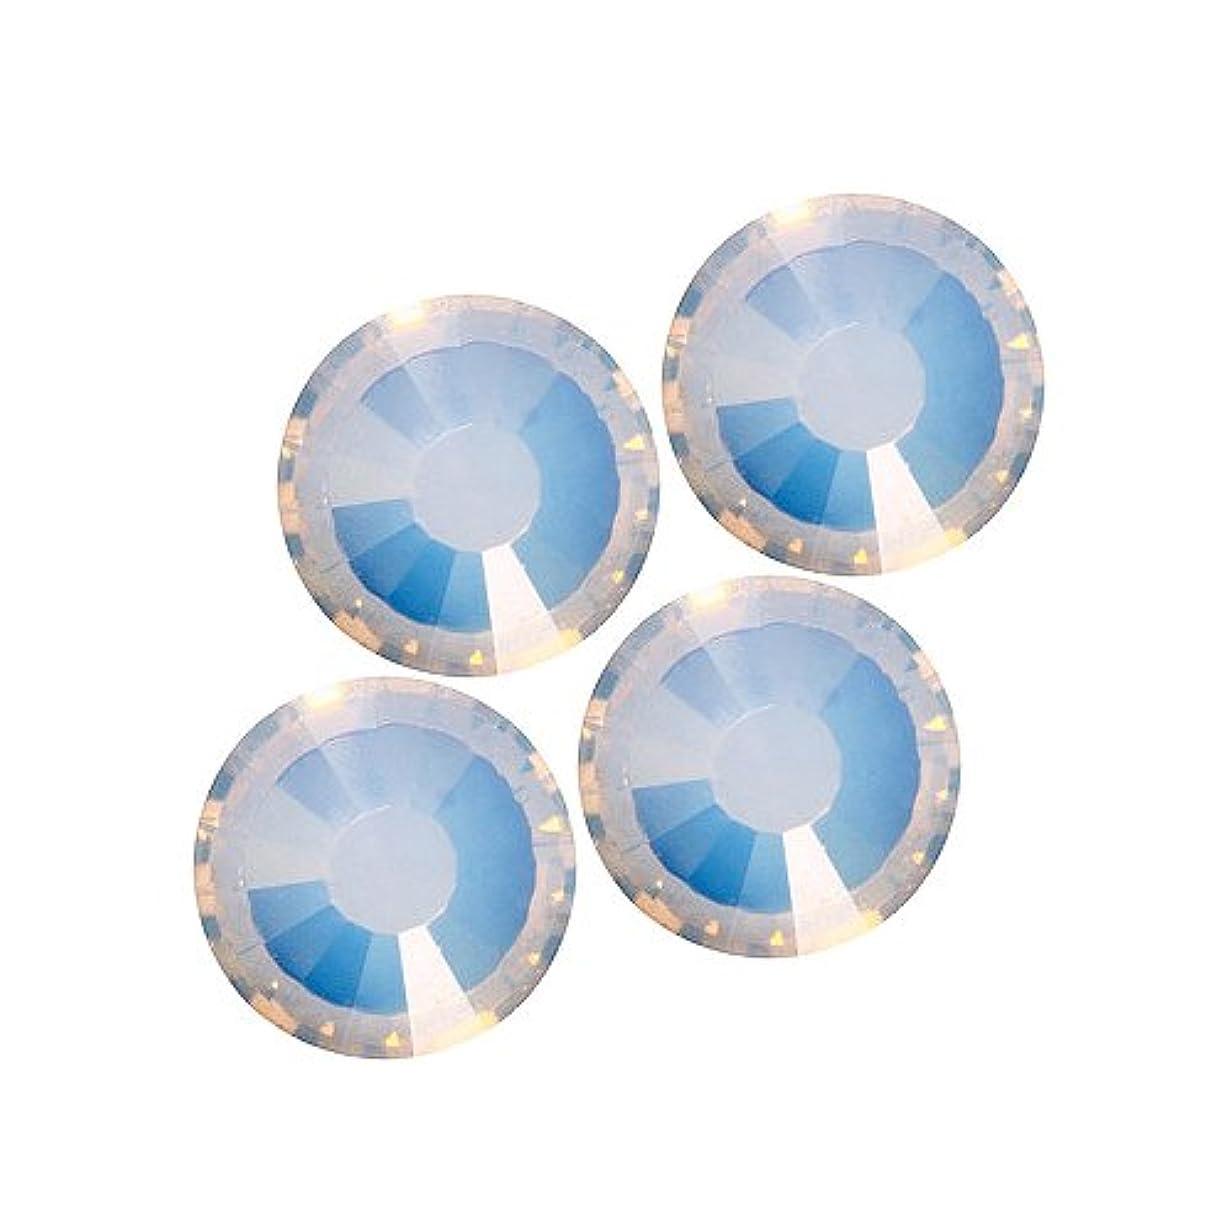 評判発表命題バイナル DIAMOND RHINESTONE ホワイトオパールSS8 1440粒 ST-SS8-WHO-10G